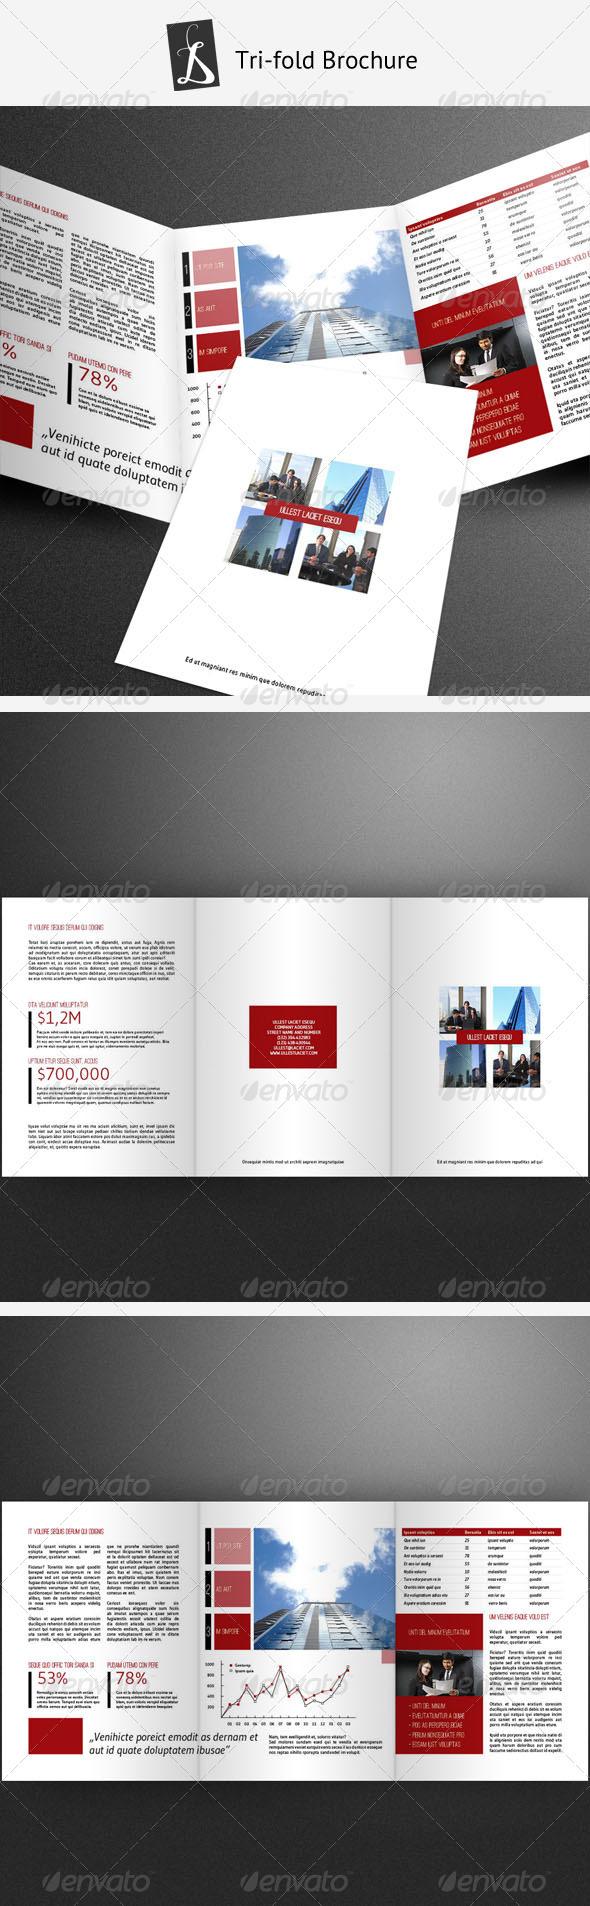 GraphicRiver Tri-fold Brochure 7 1502147